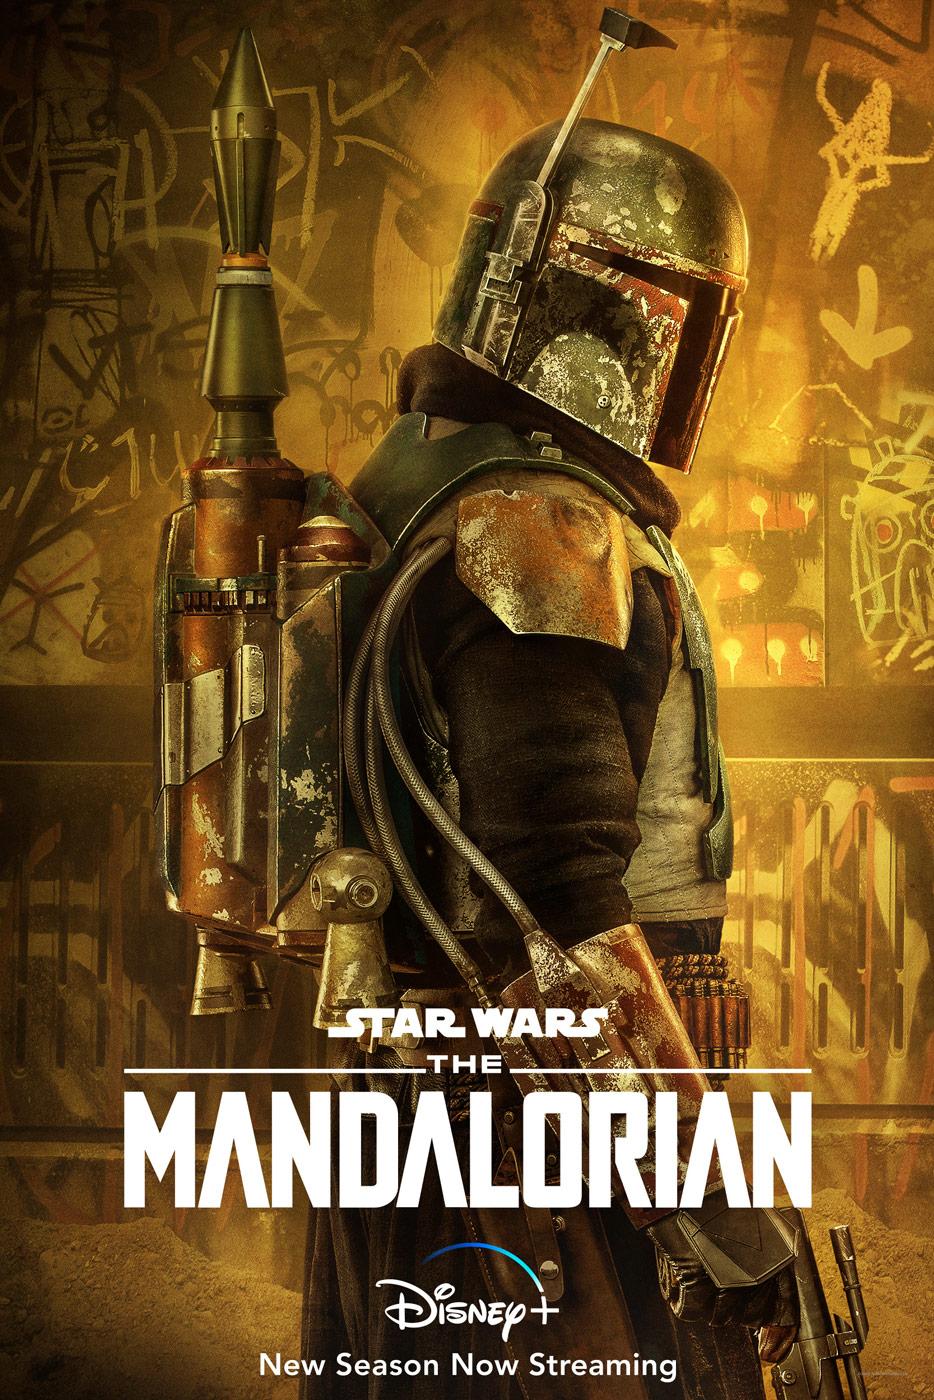 Les NEWS de la saison 2 de Star Wars The Mandalorian  - Page 3 Poste109